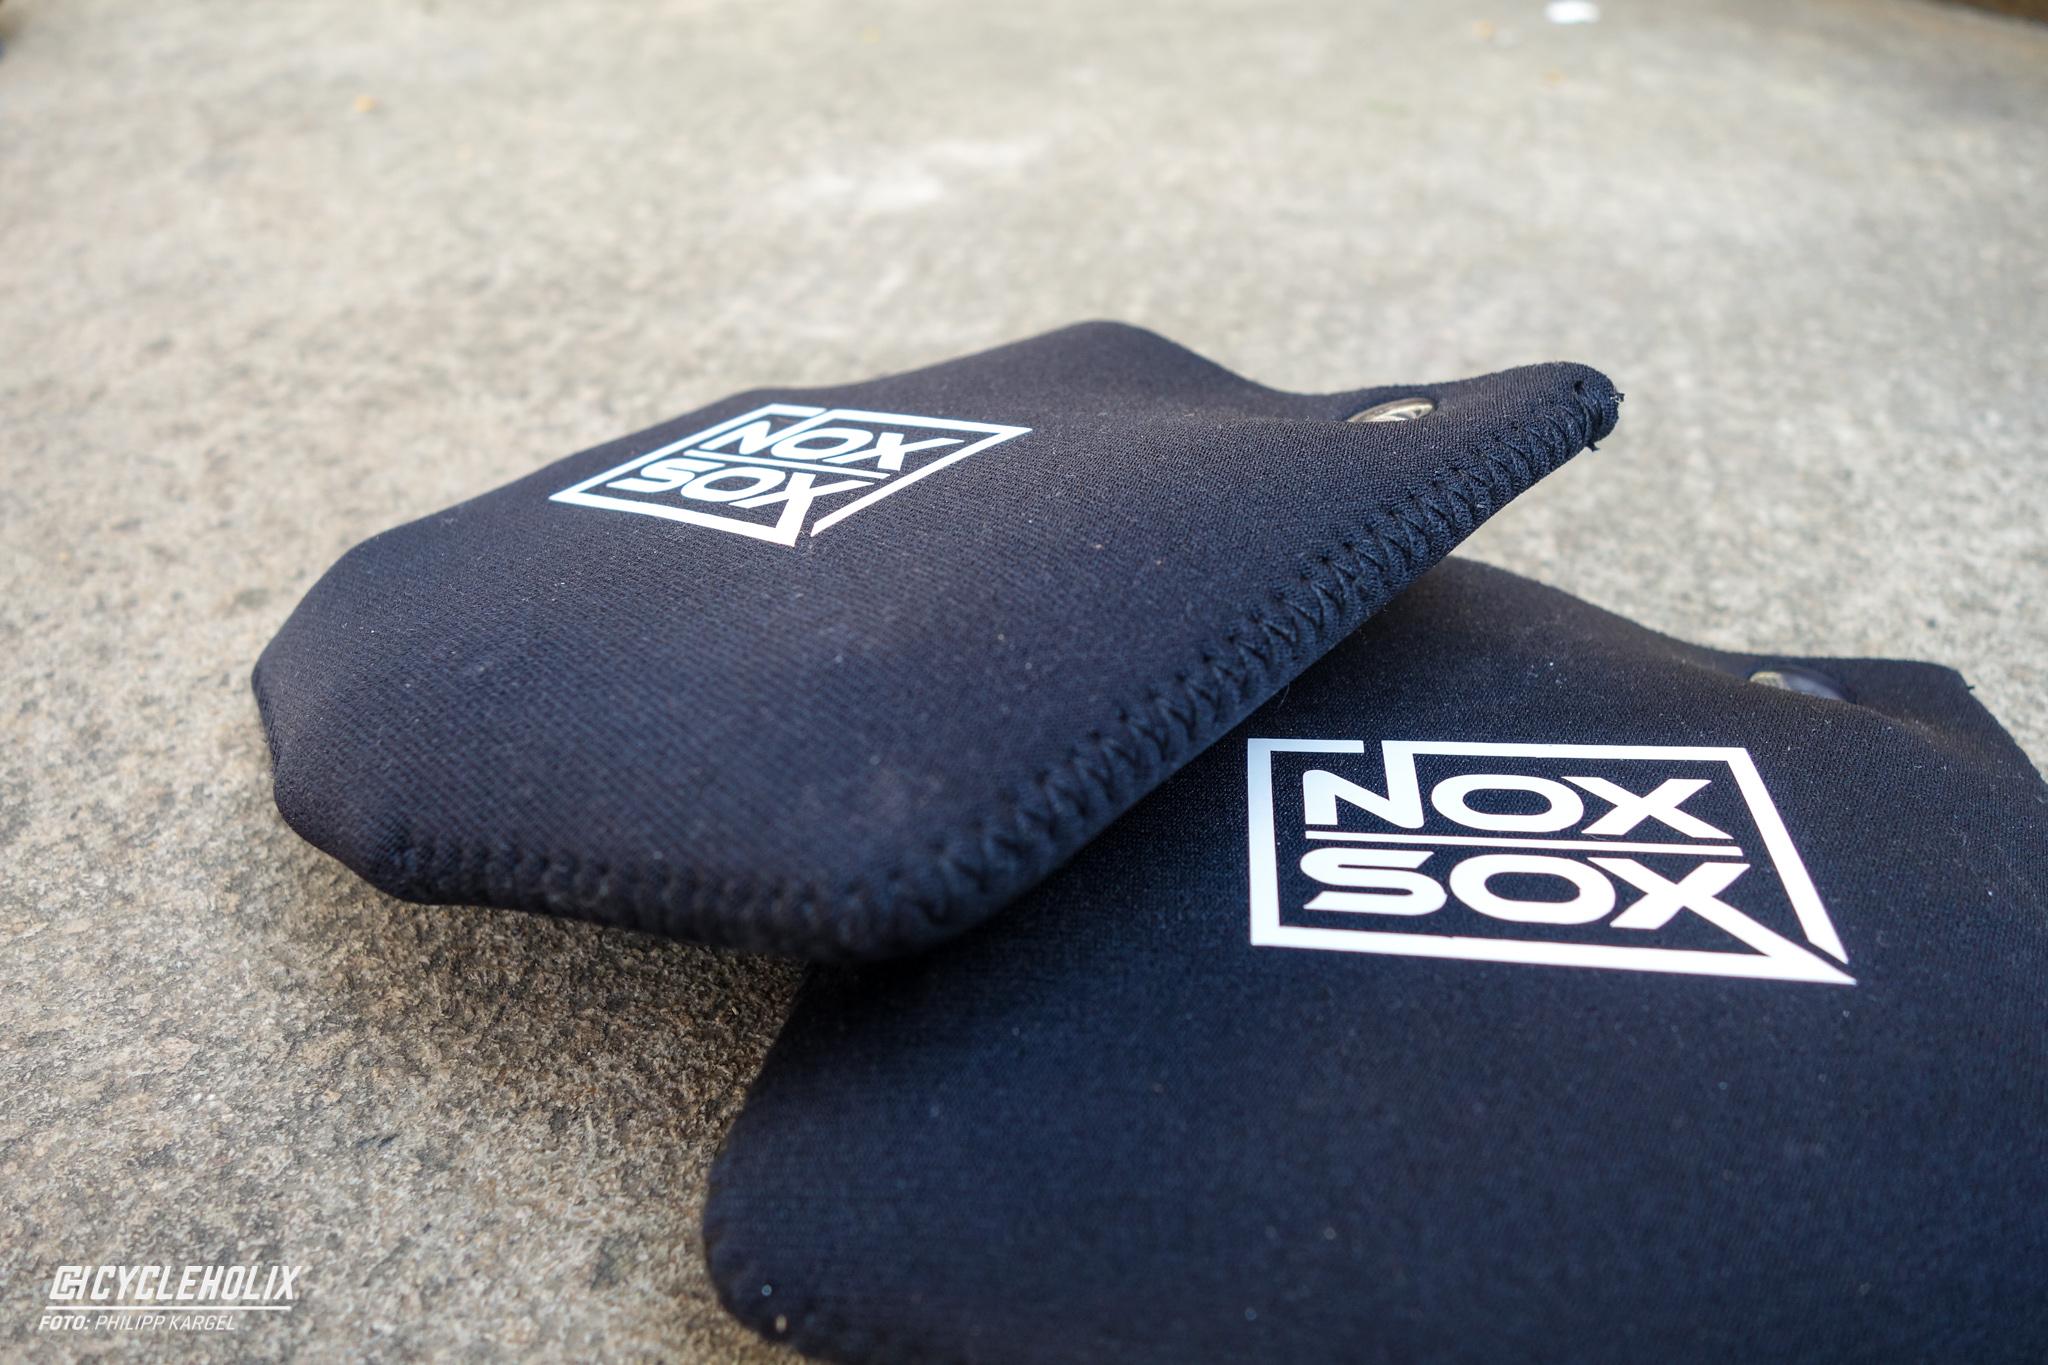 Nox Sox